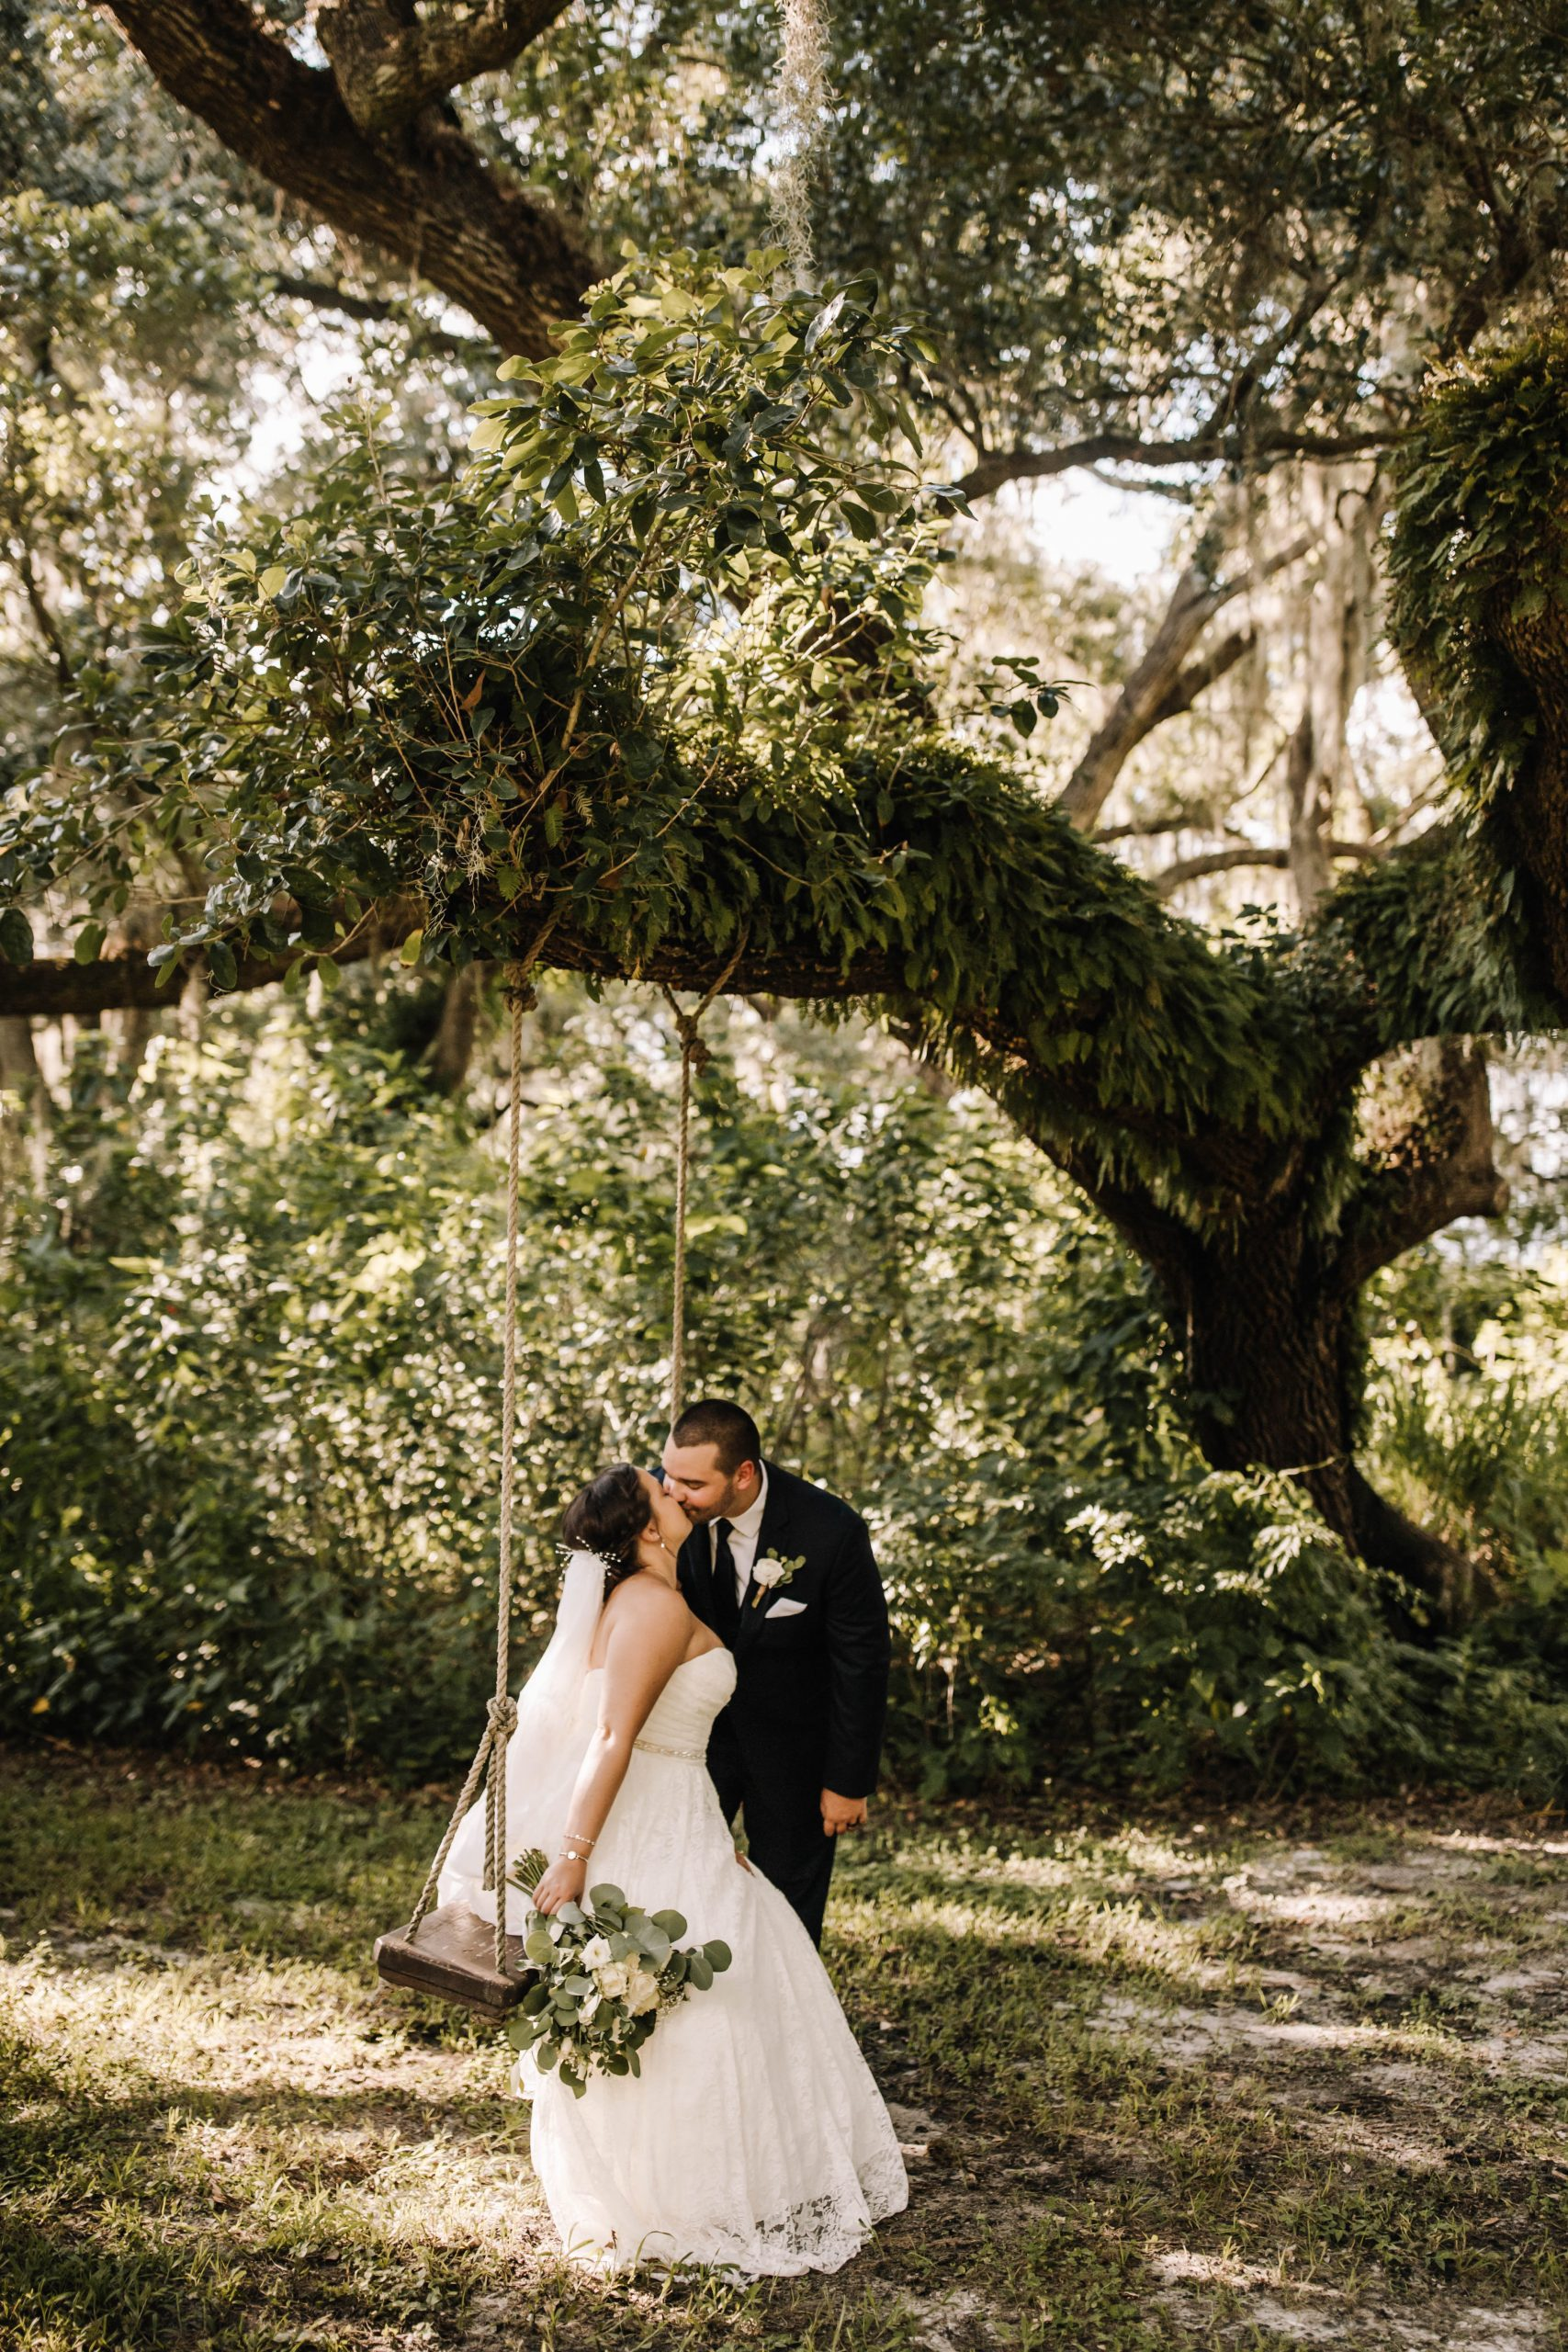 Ashlyn + Chris's Neutral Rustic Wedding